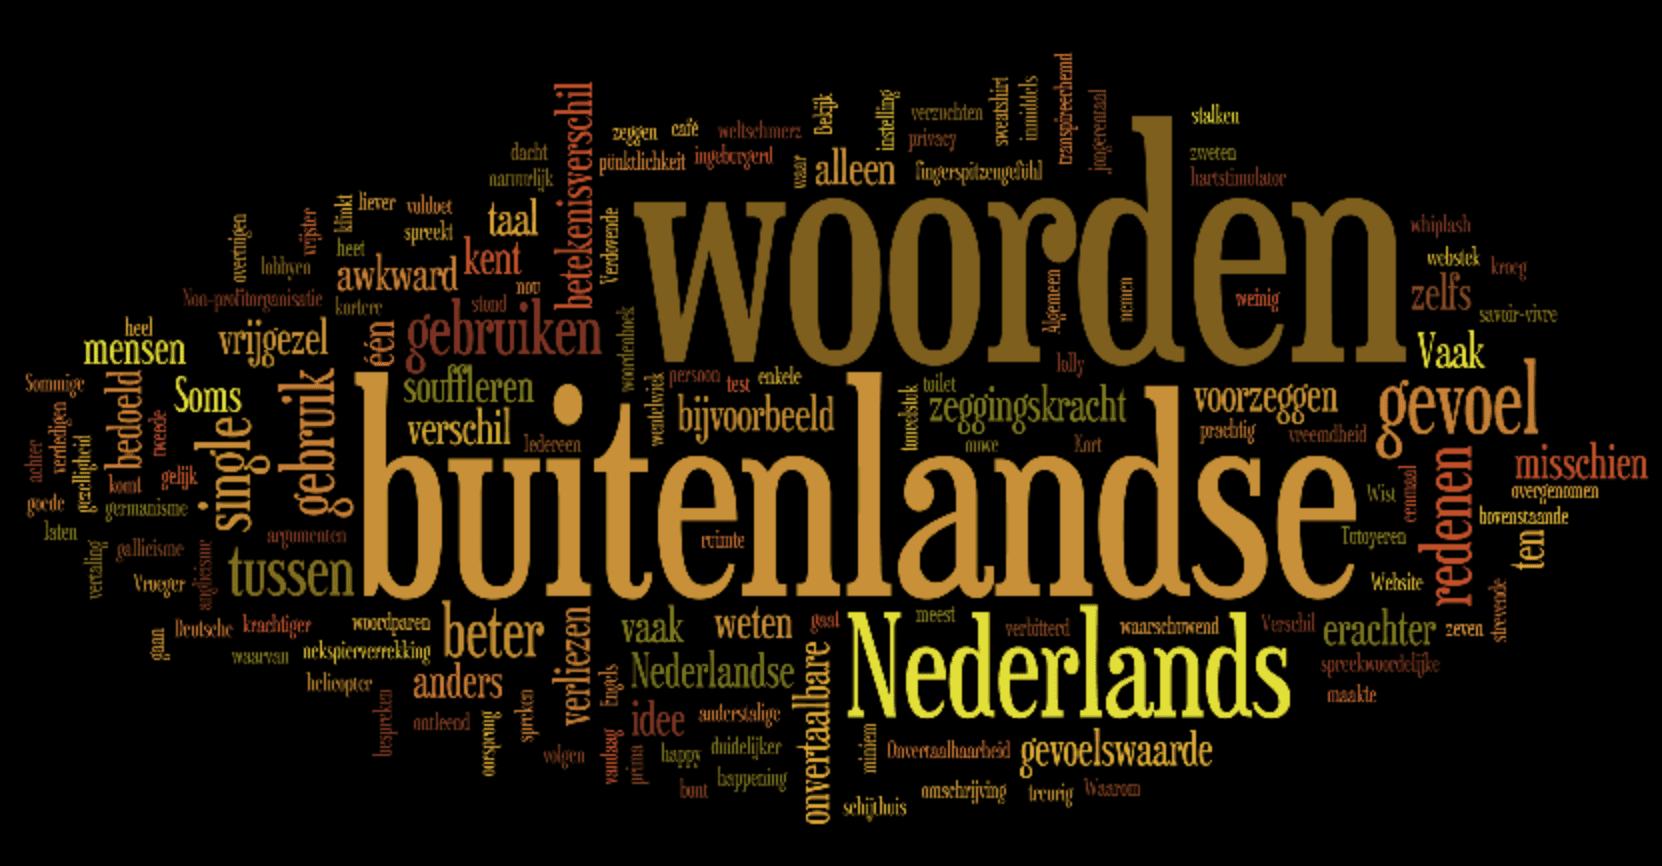 Gebruik van buitenlandse woorden is awkward?